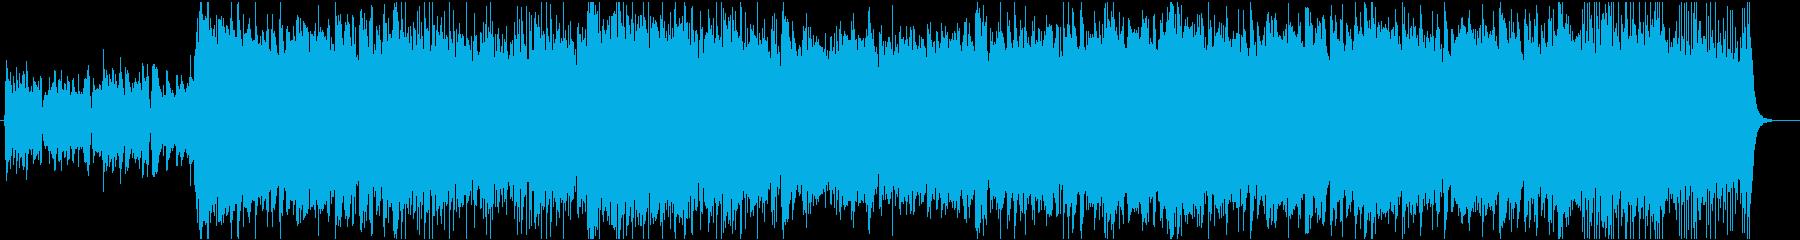 変拍子の和風BGM:夜の再生済みの波形